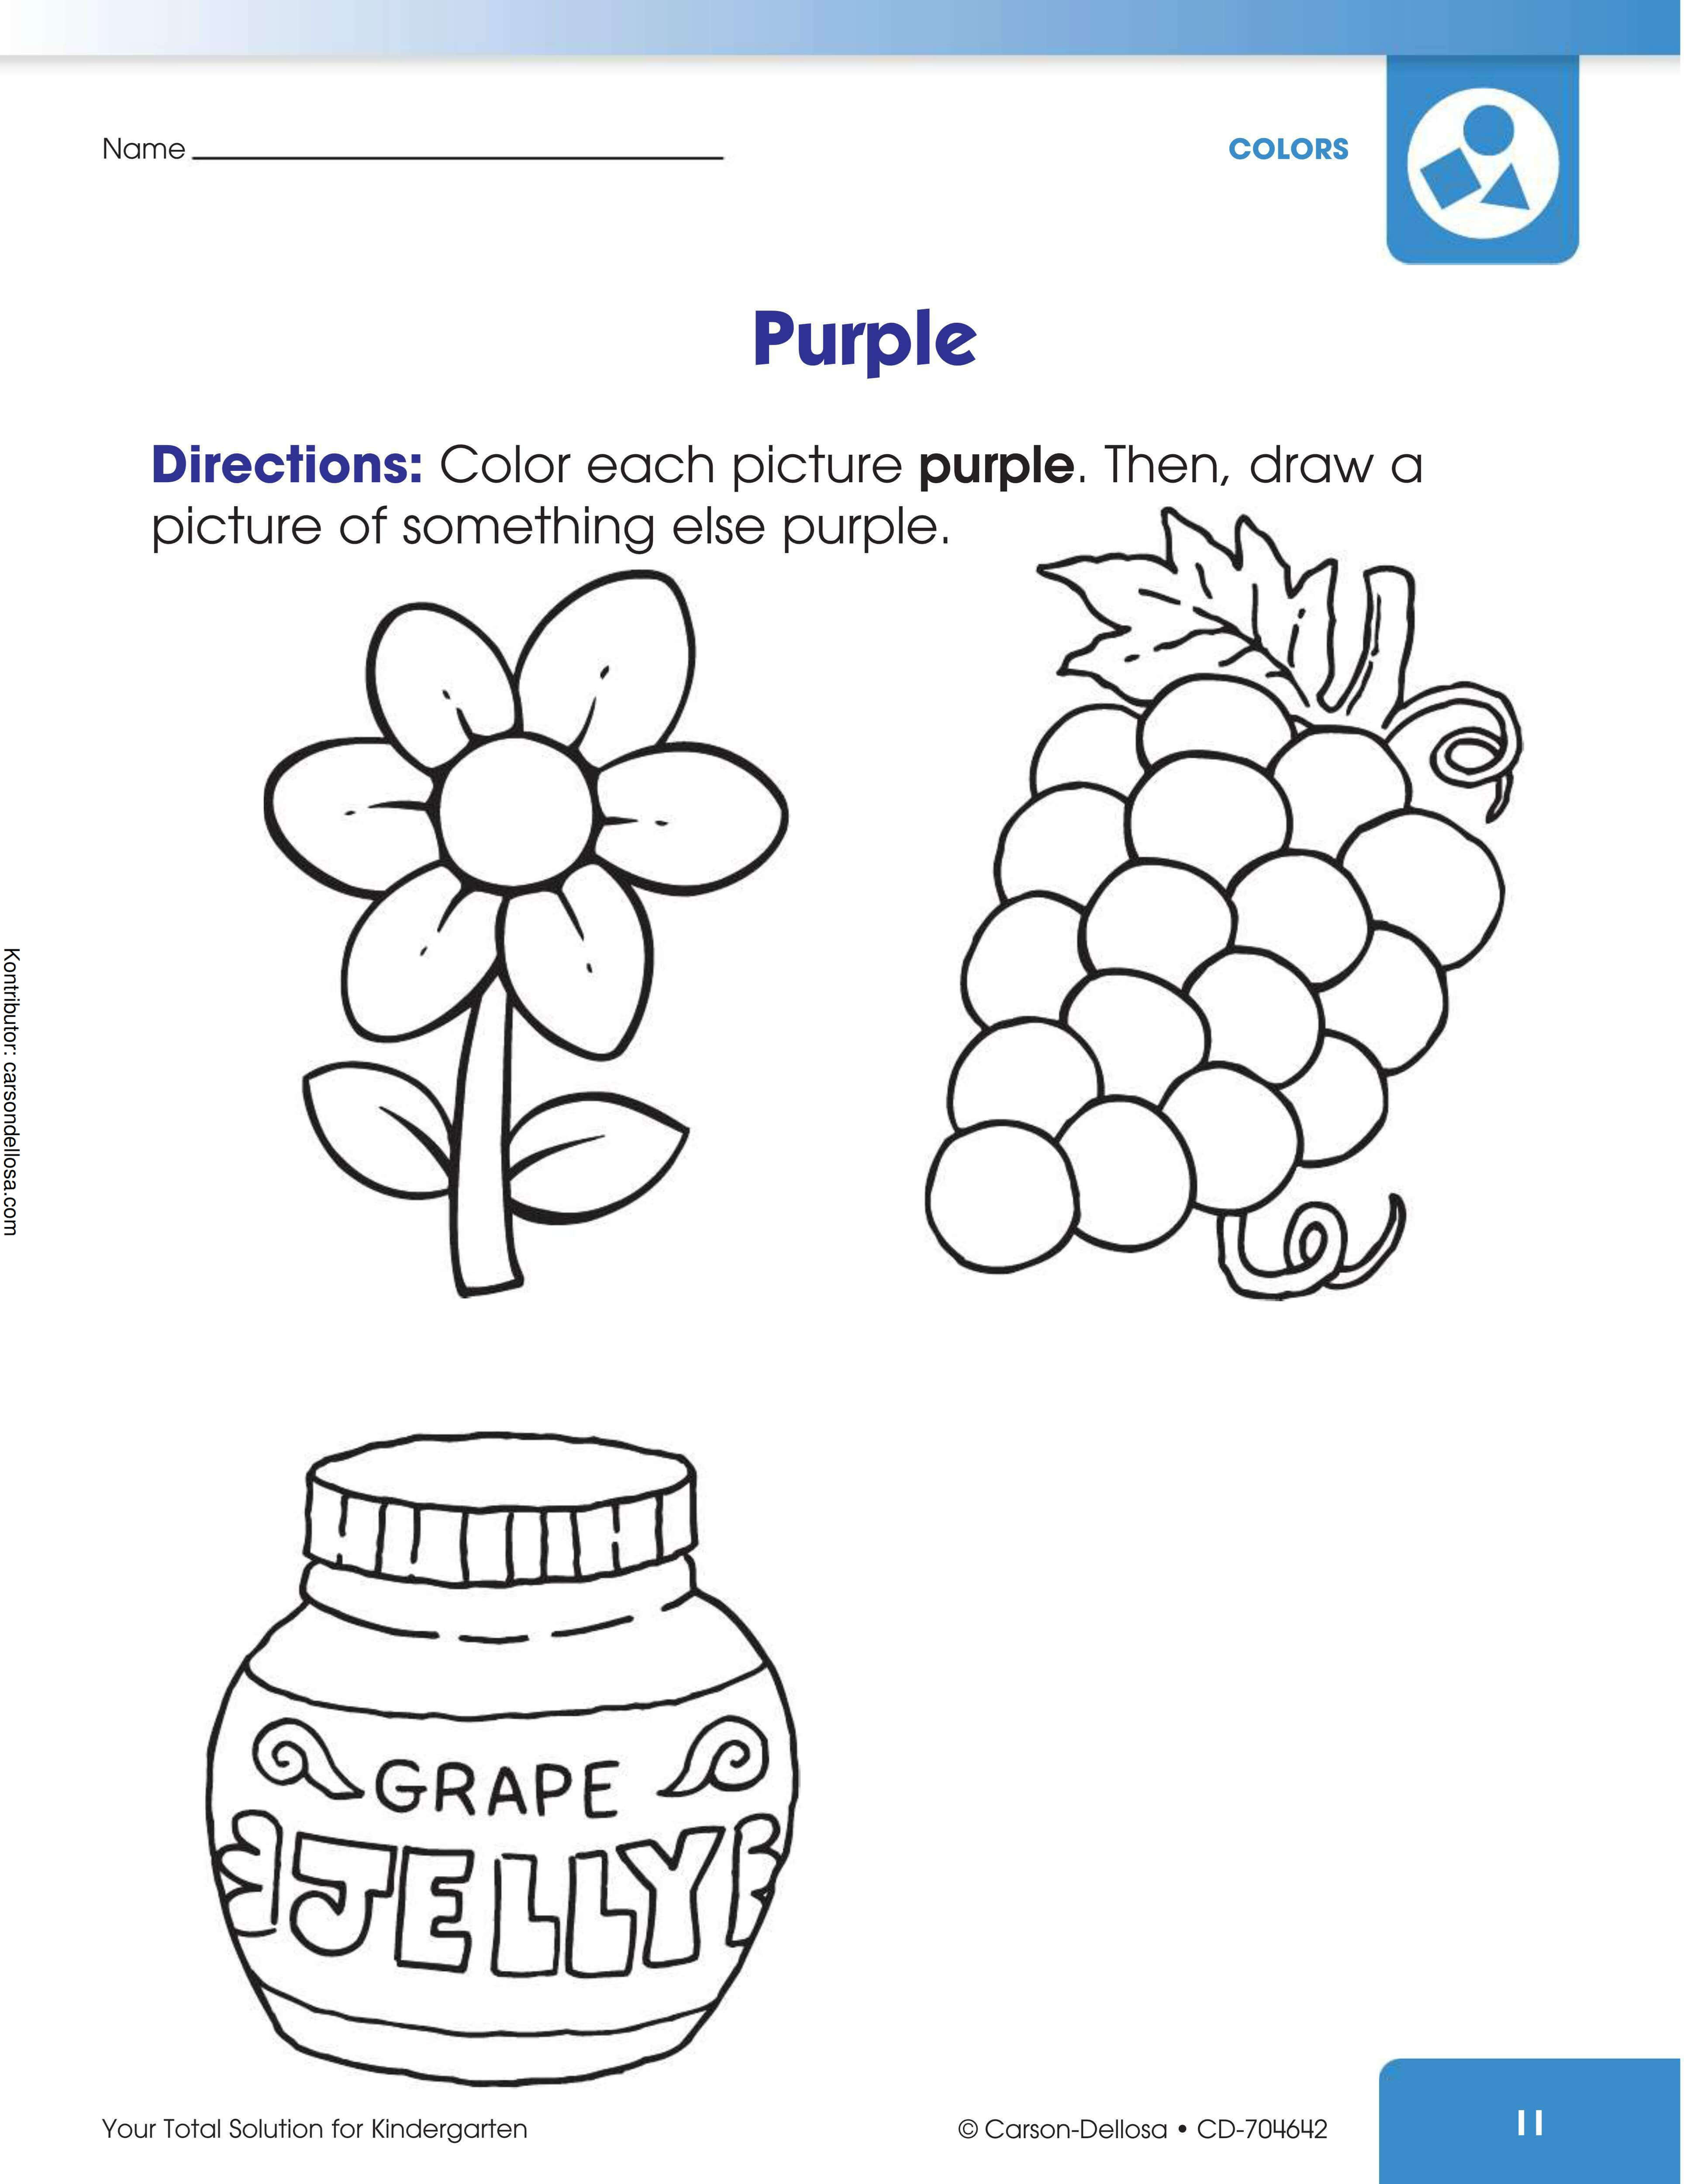 Belajar Menggambar dan Mewarnai Warna Ungu